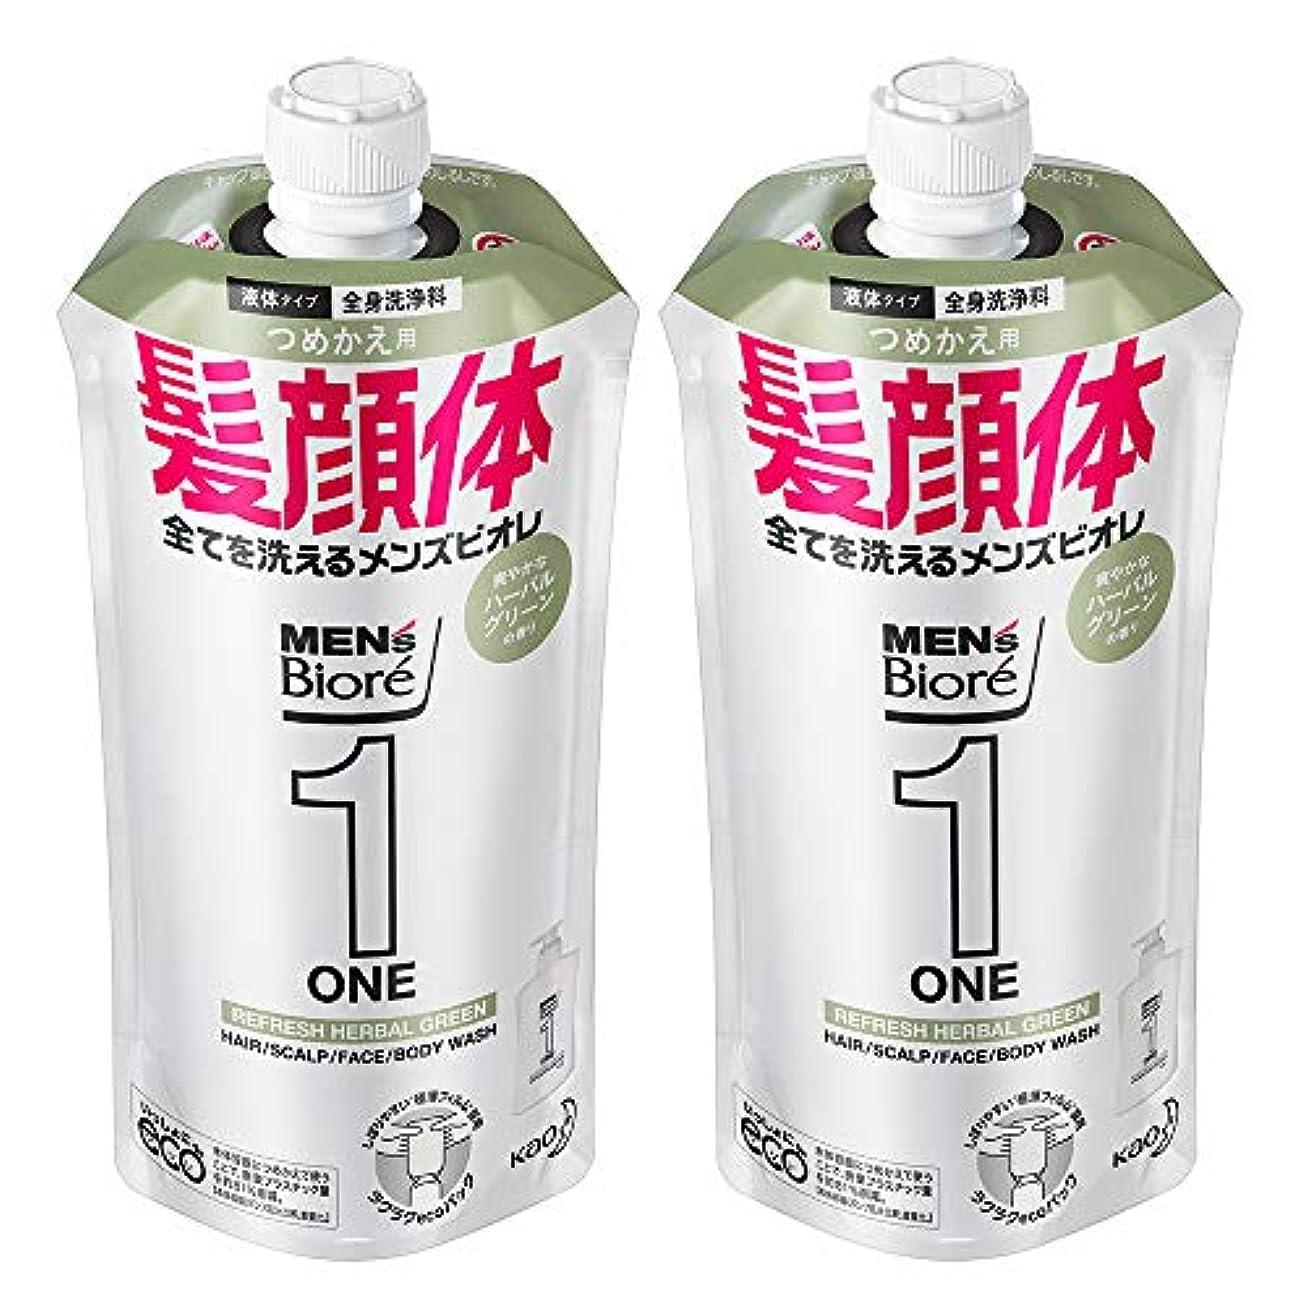 不条理滝休憩【まとめ買い】メンズビオレ ONE オールインワン全身洗浄料 ハーバルグリーンの香り つめかえ用 340ml×2個